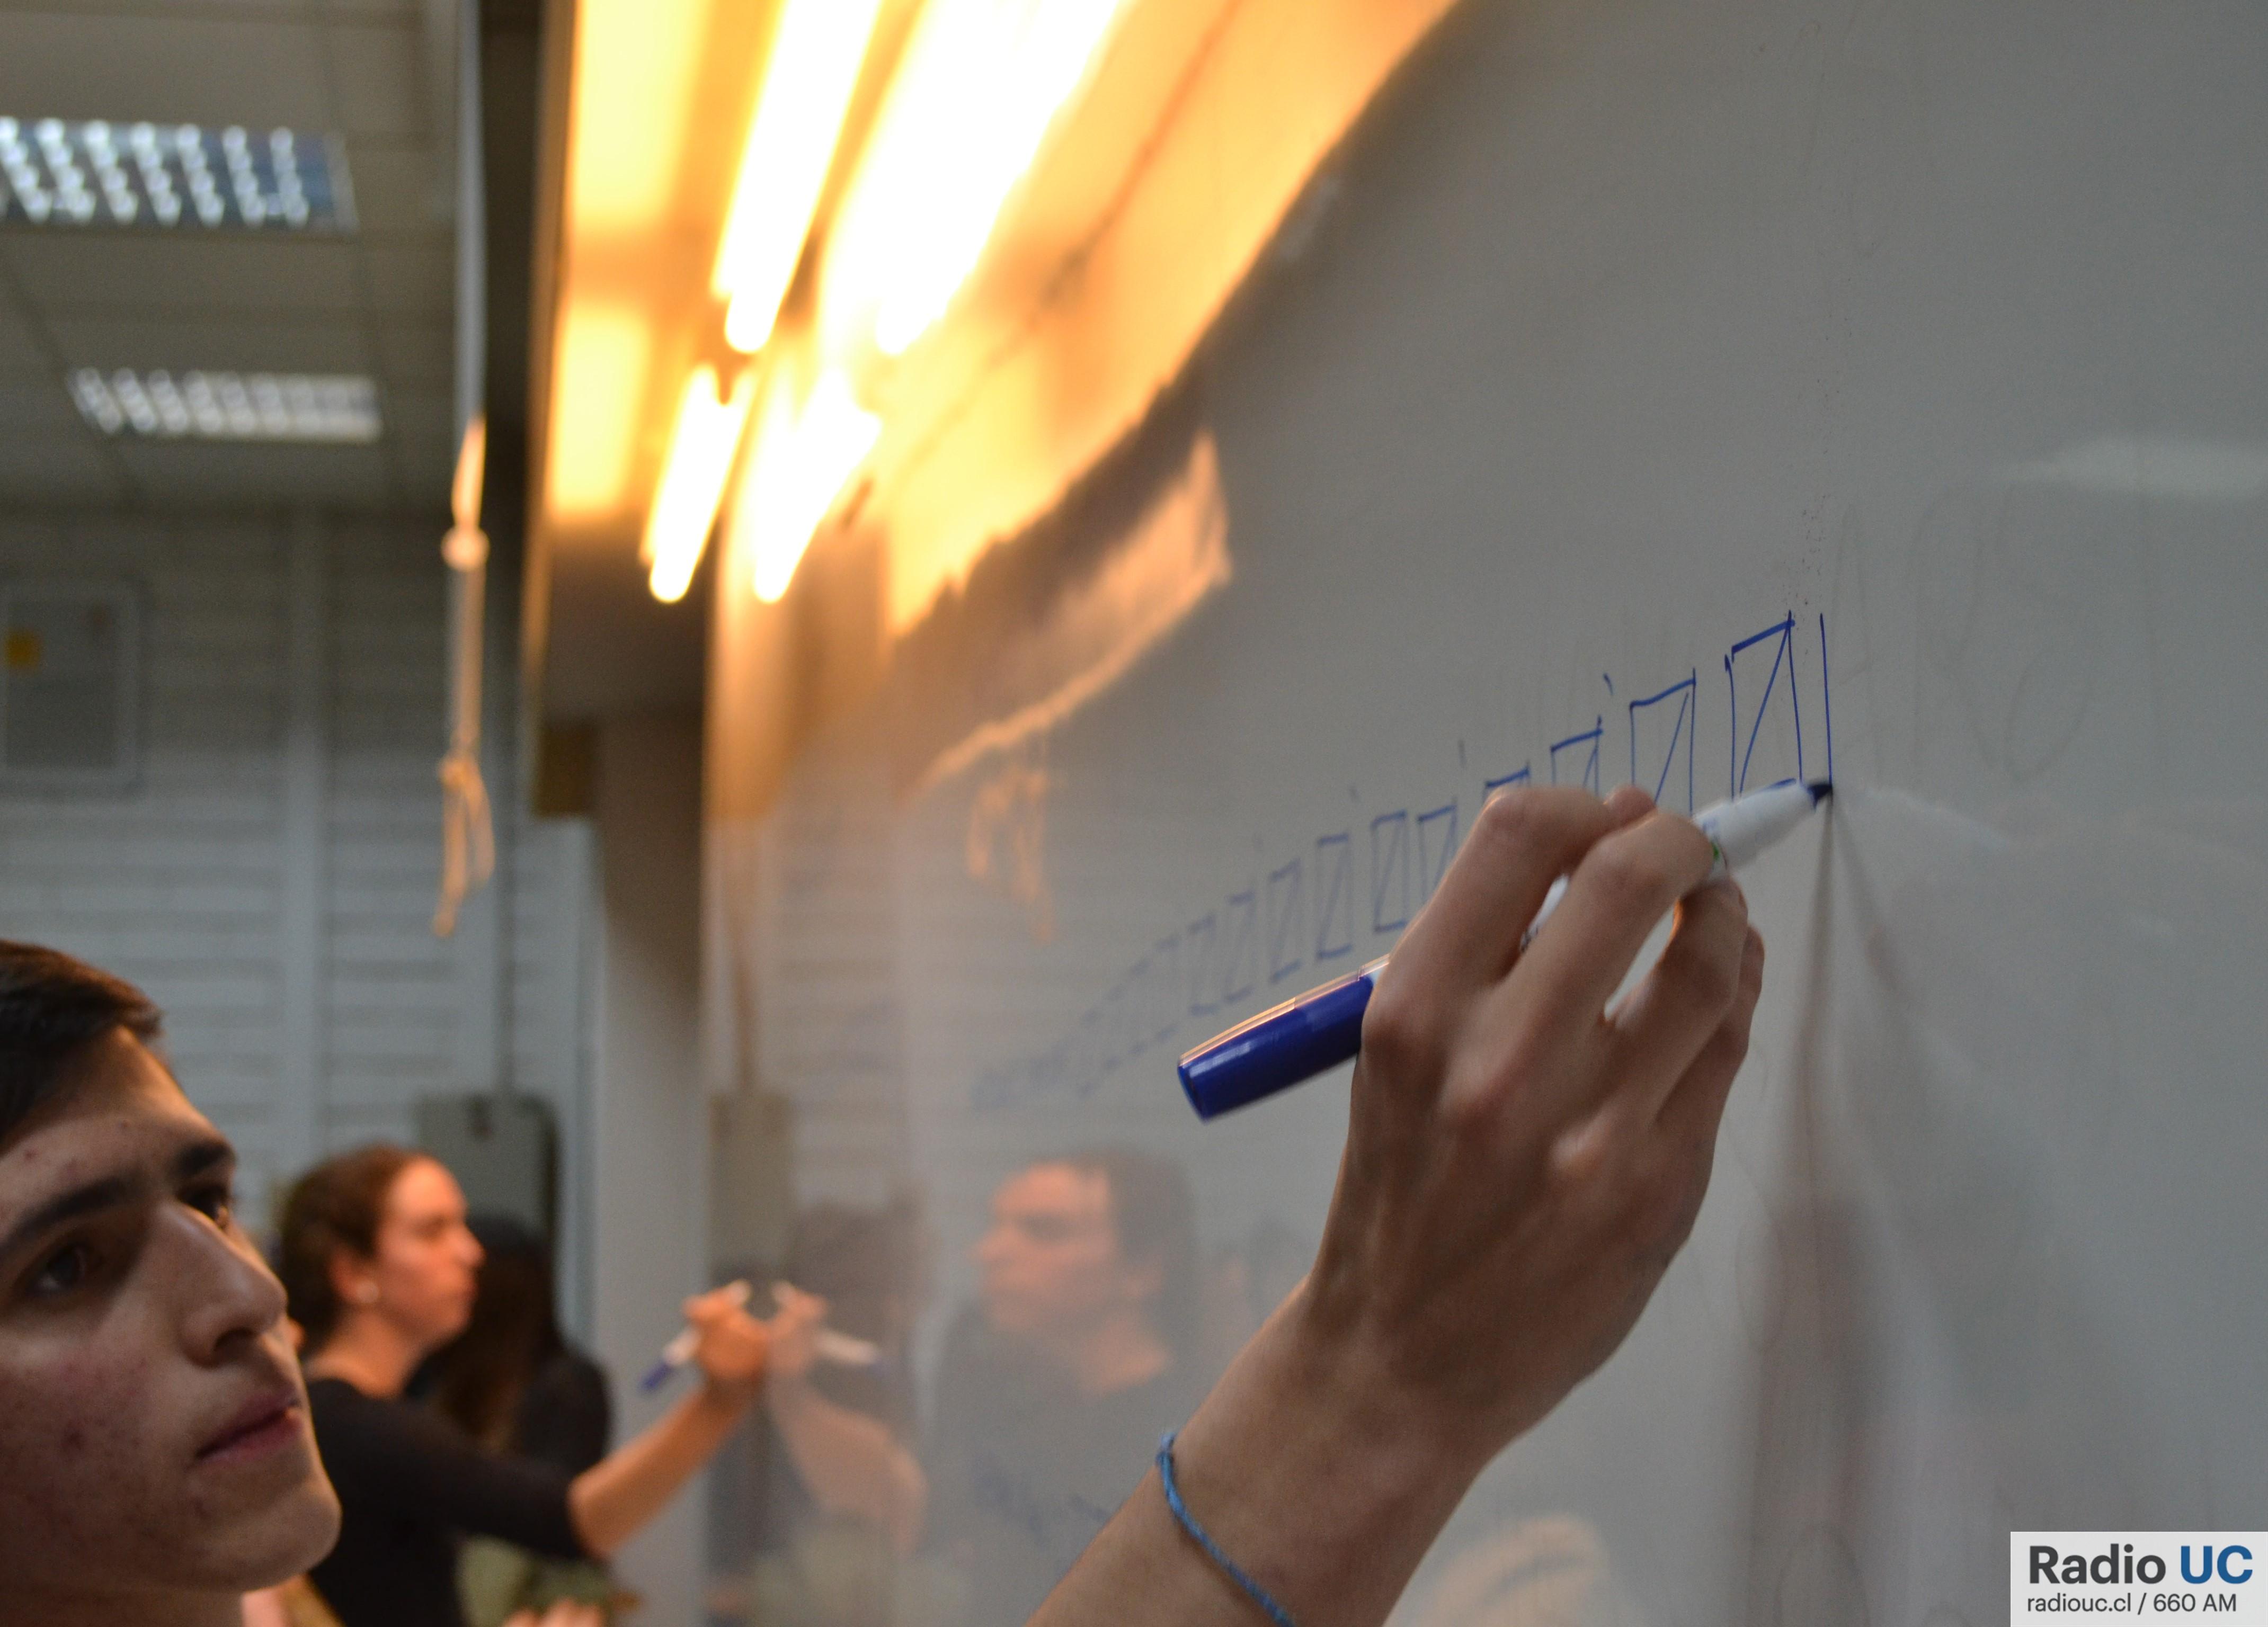 Elecciones FEUC 2019: Minuto a minuto del recuento de votos